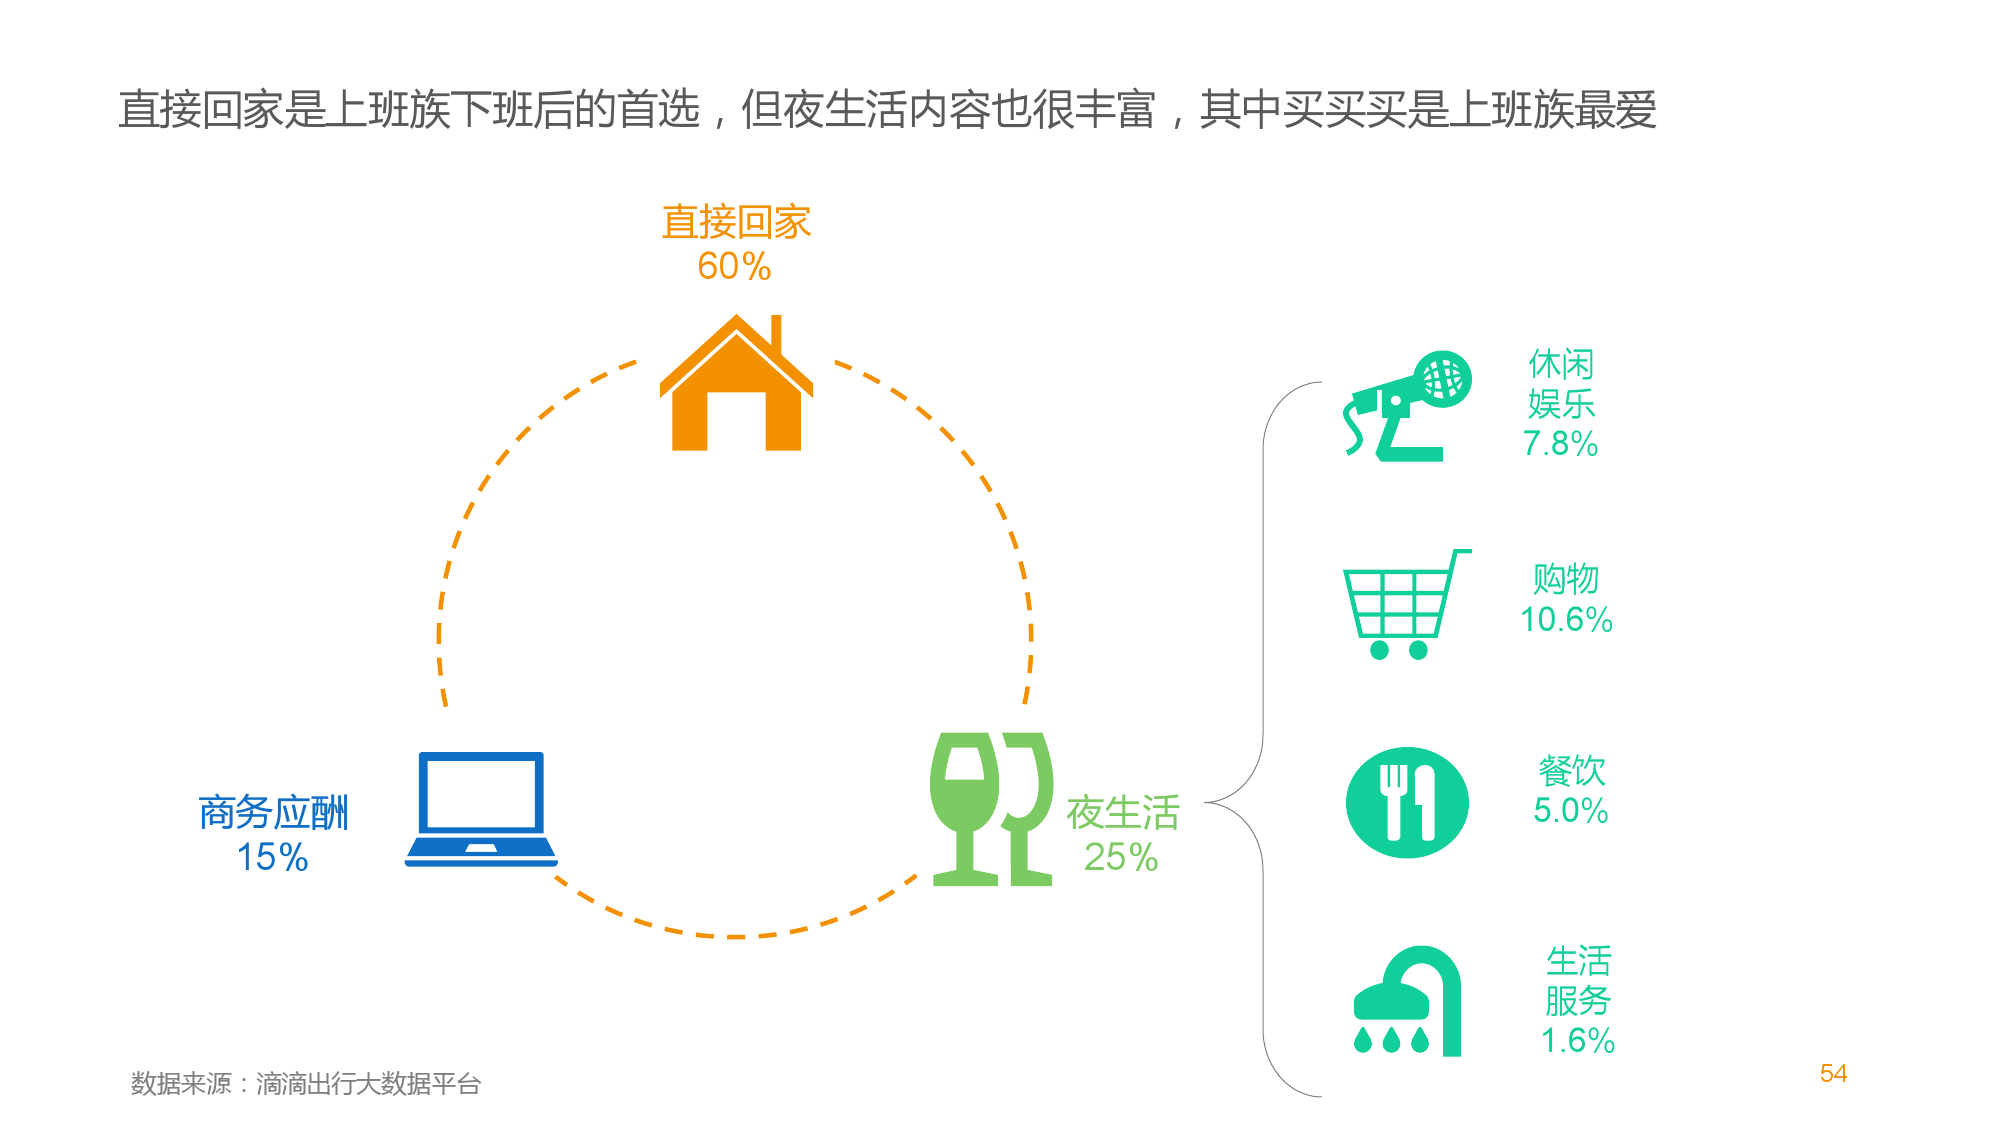 中国智能出行2015大数据报告_000054